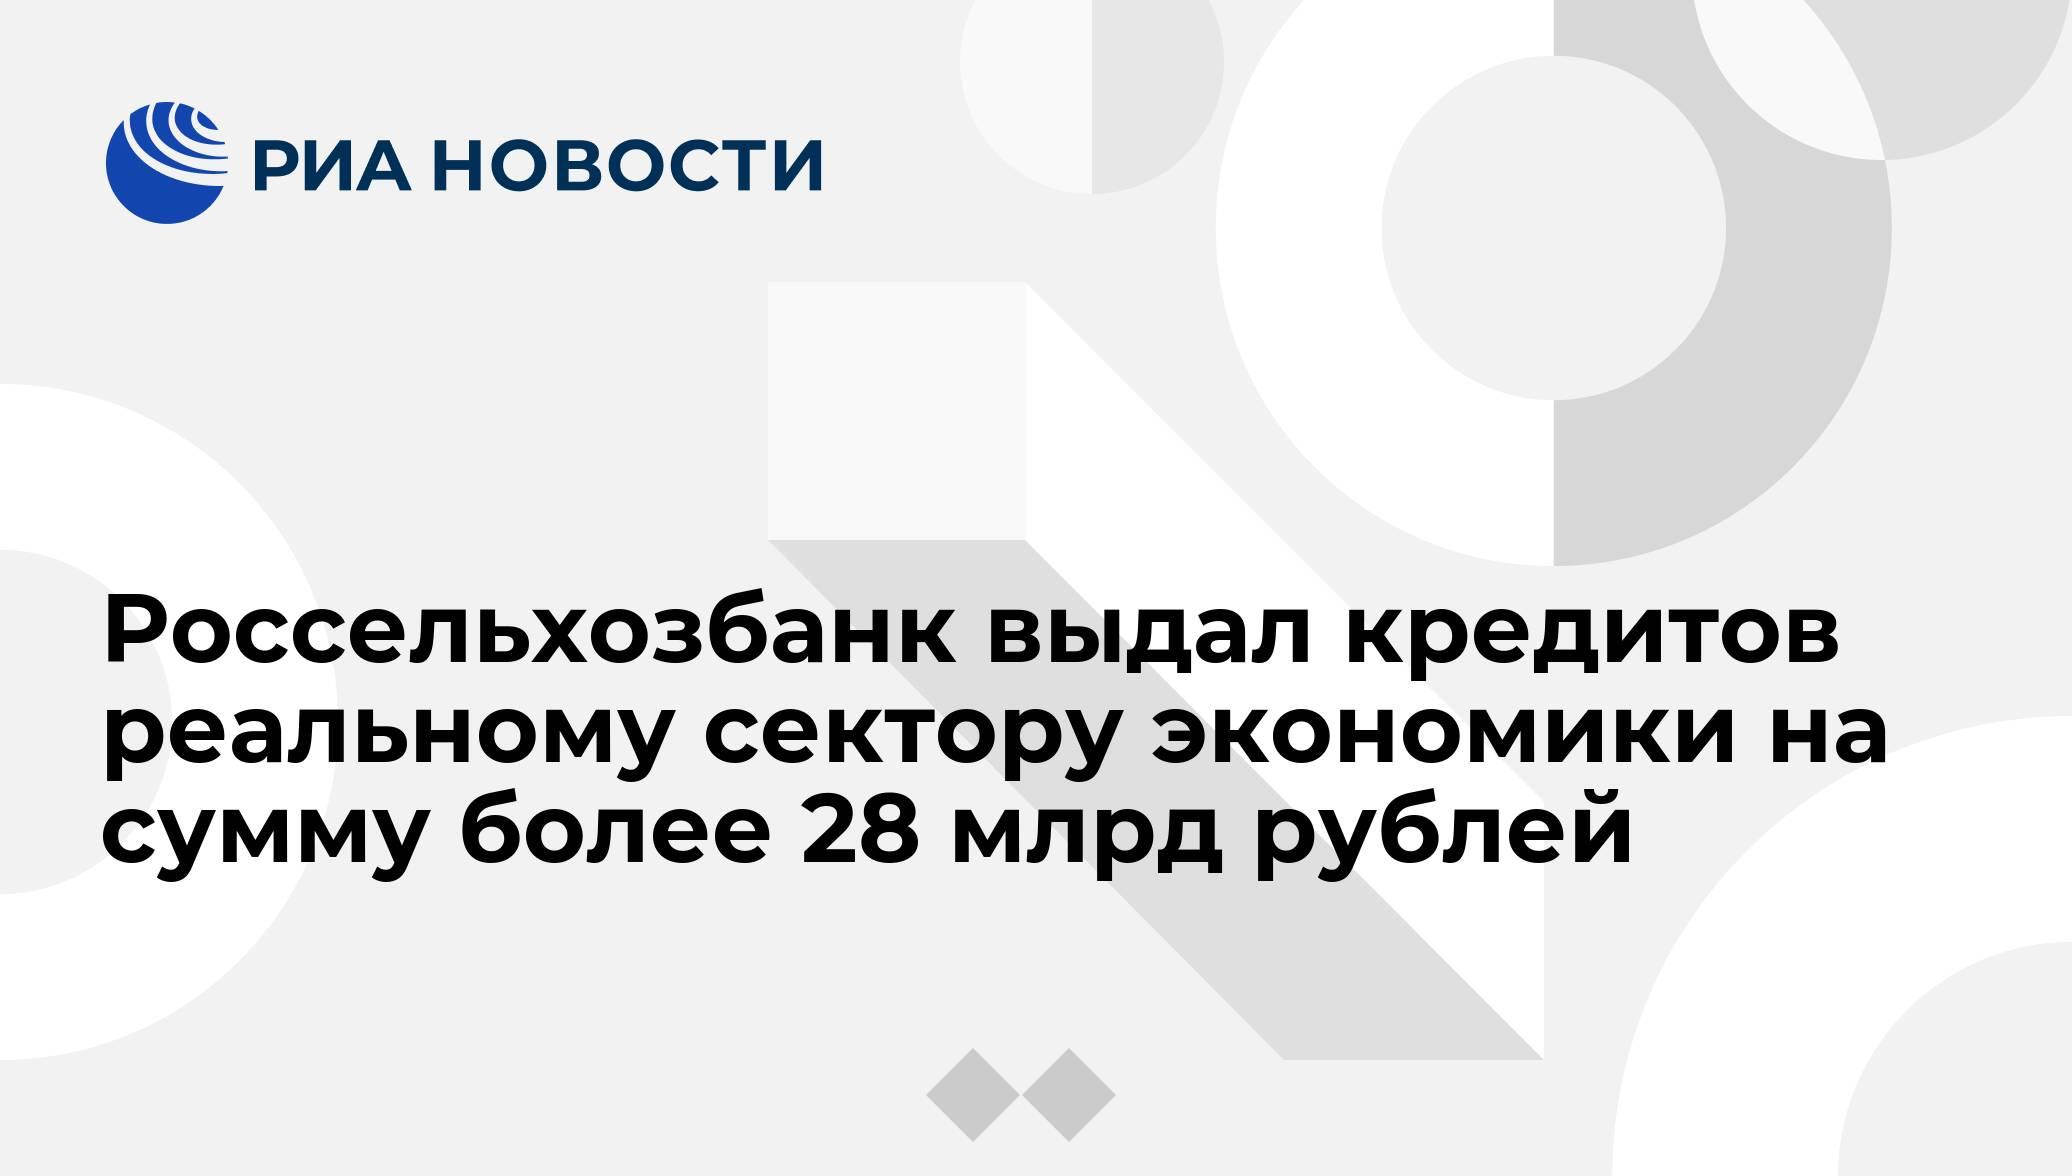 Правительство ленинградской области официальный сайт комитеты телефоны жкх написать жалобу